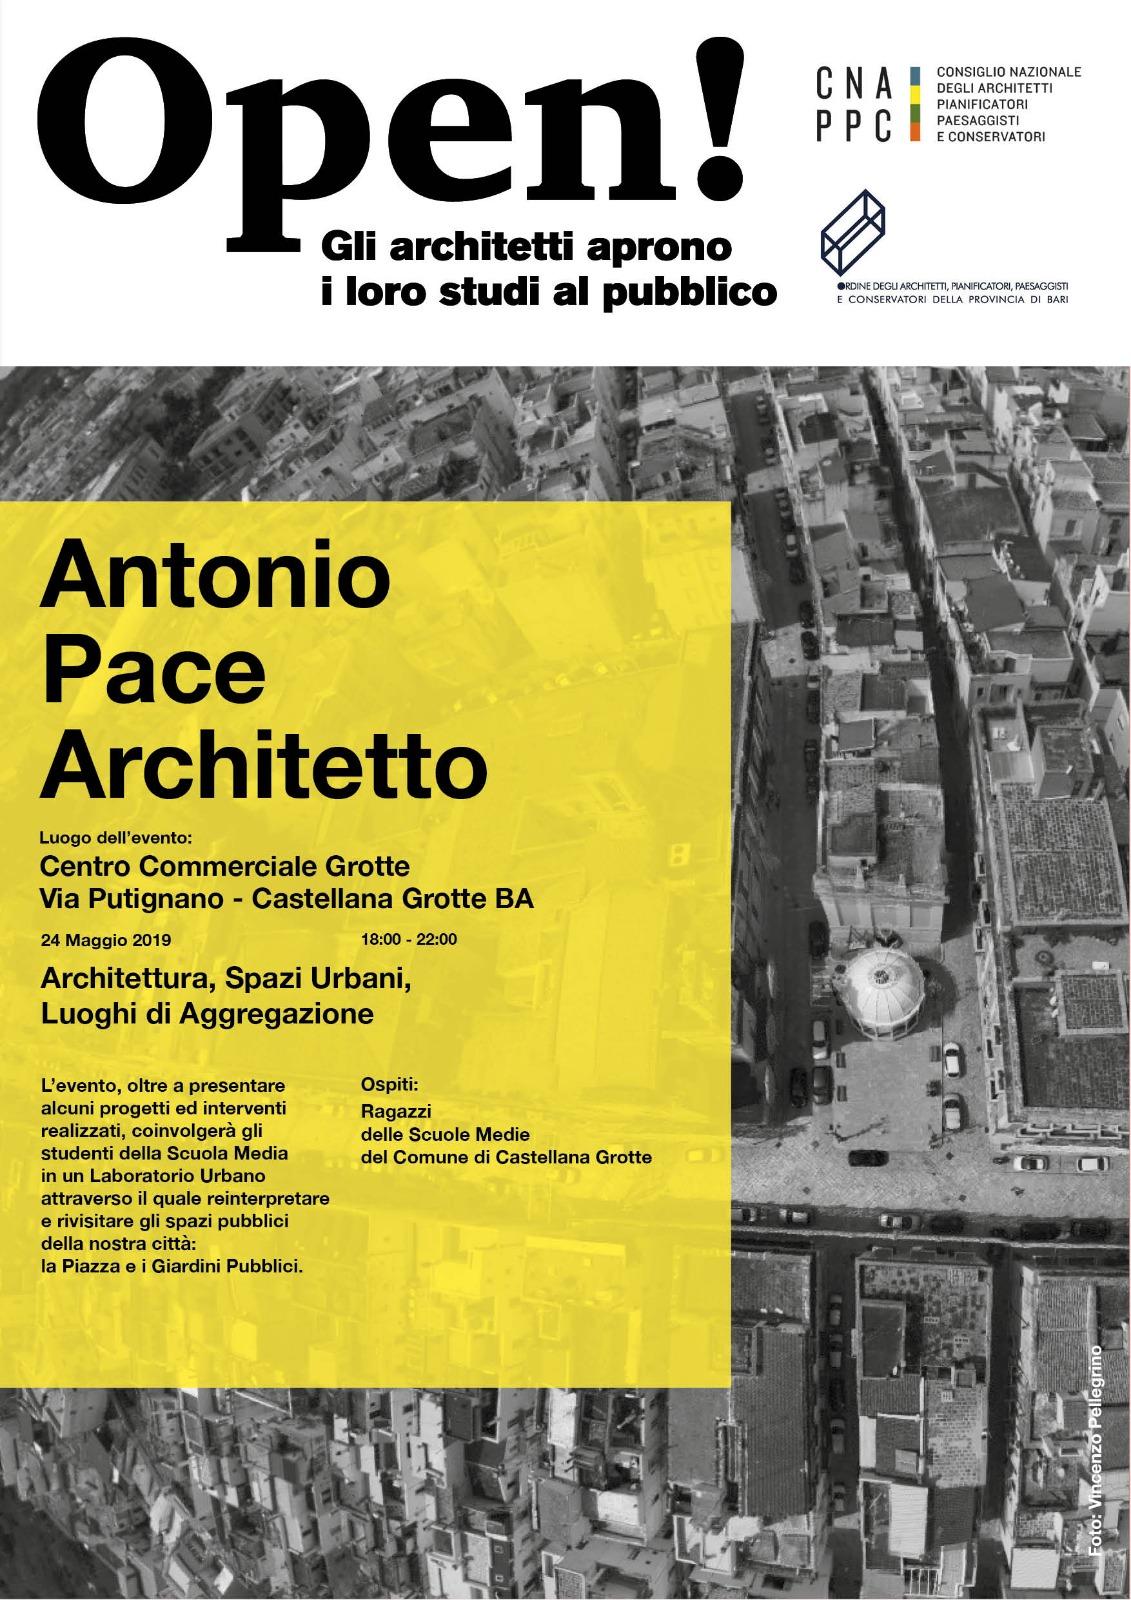 Architettura, Spazi Urbani, Luoghi di Aggregazione